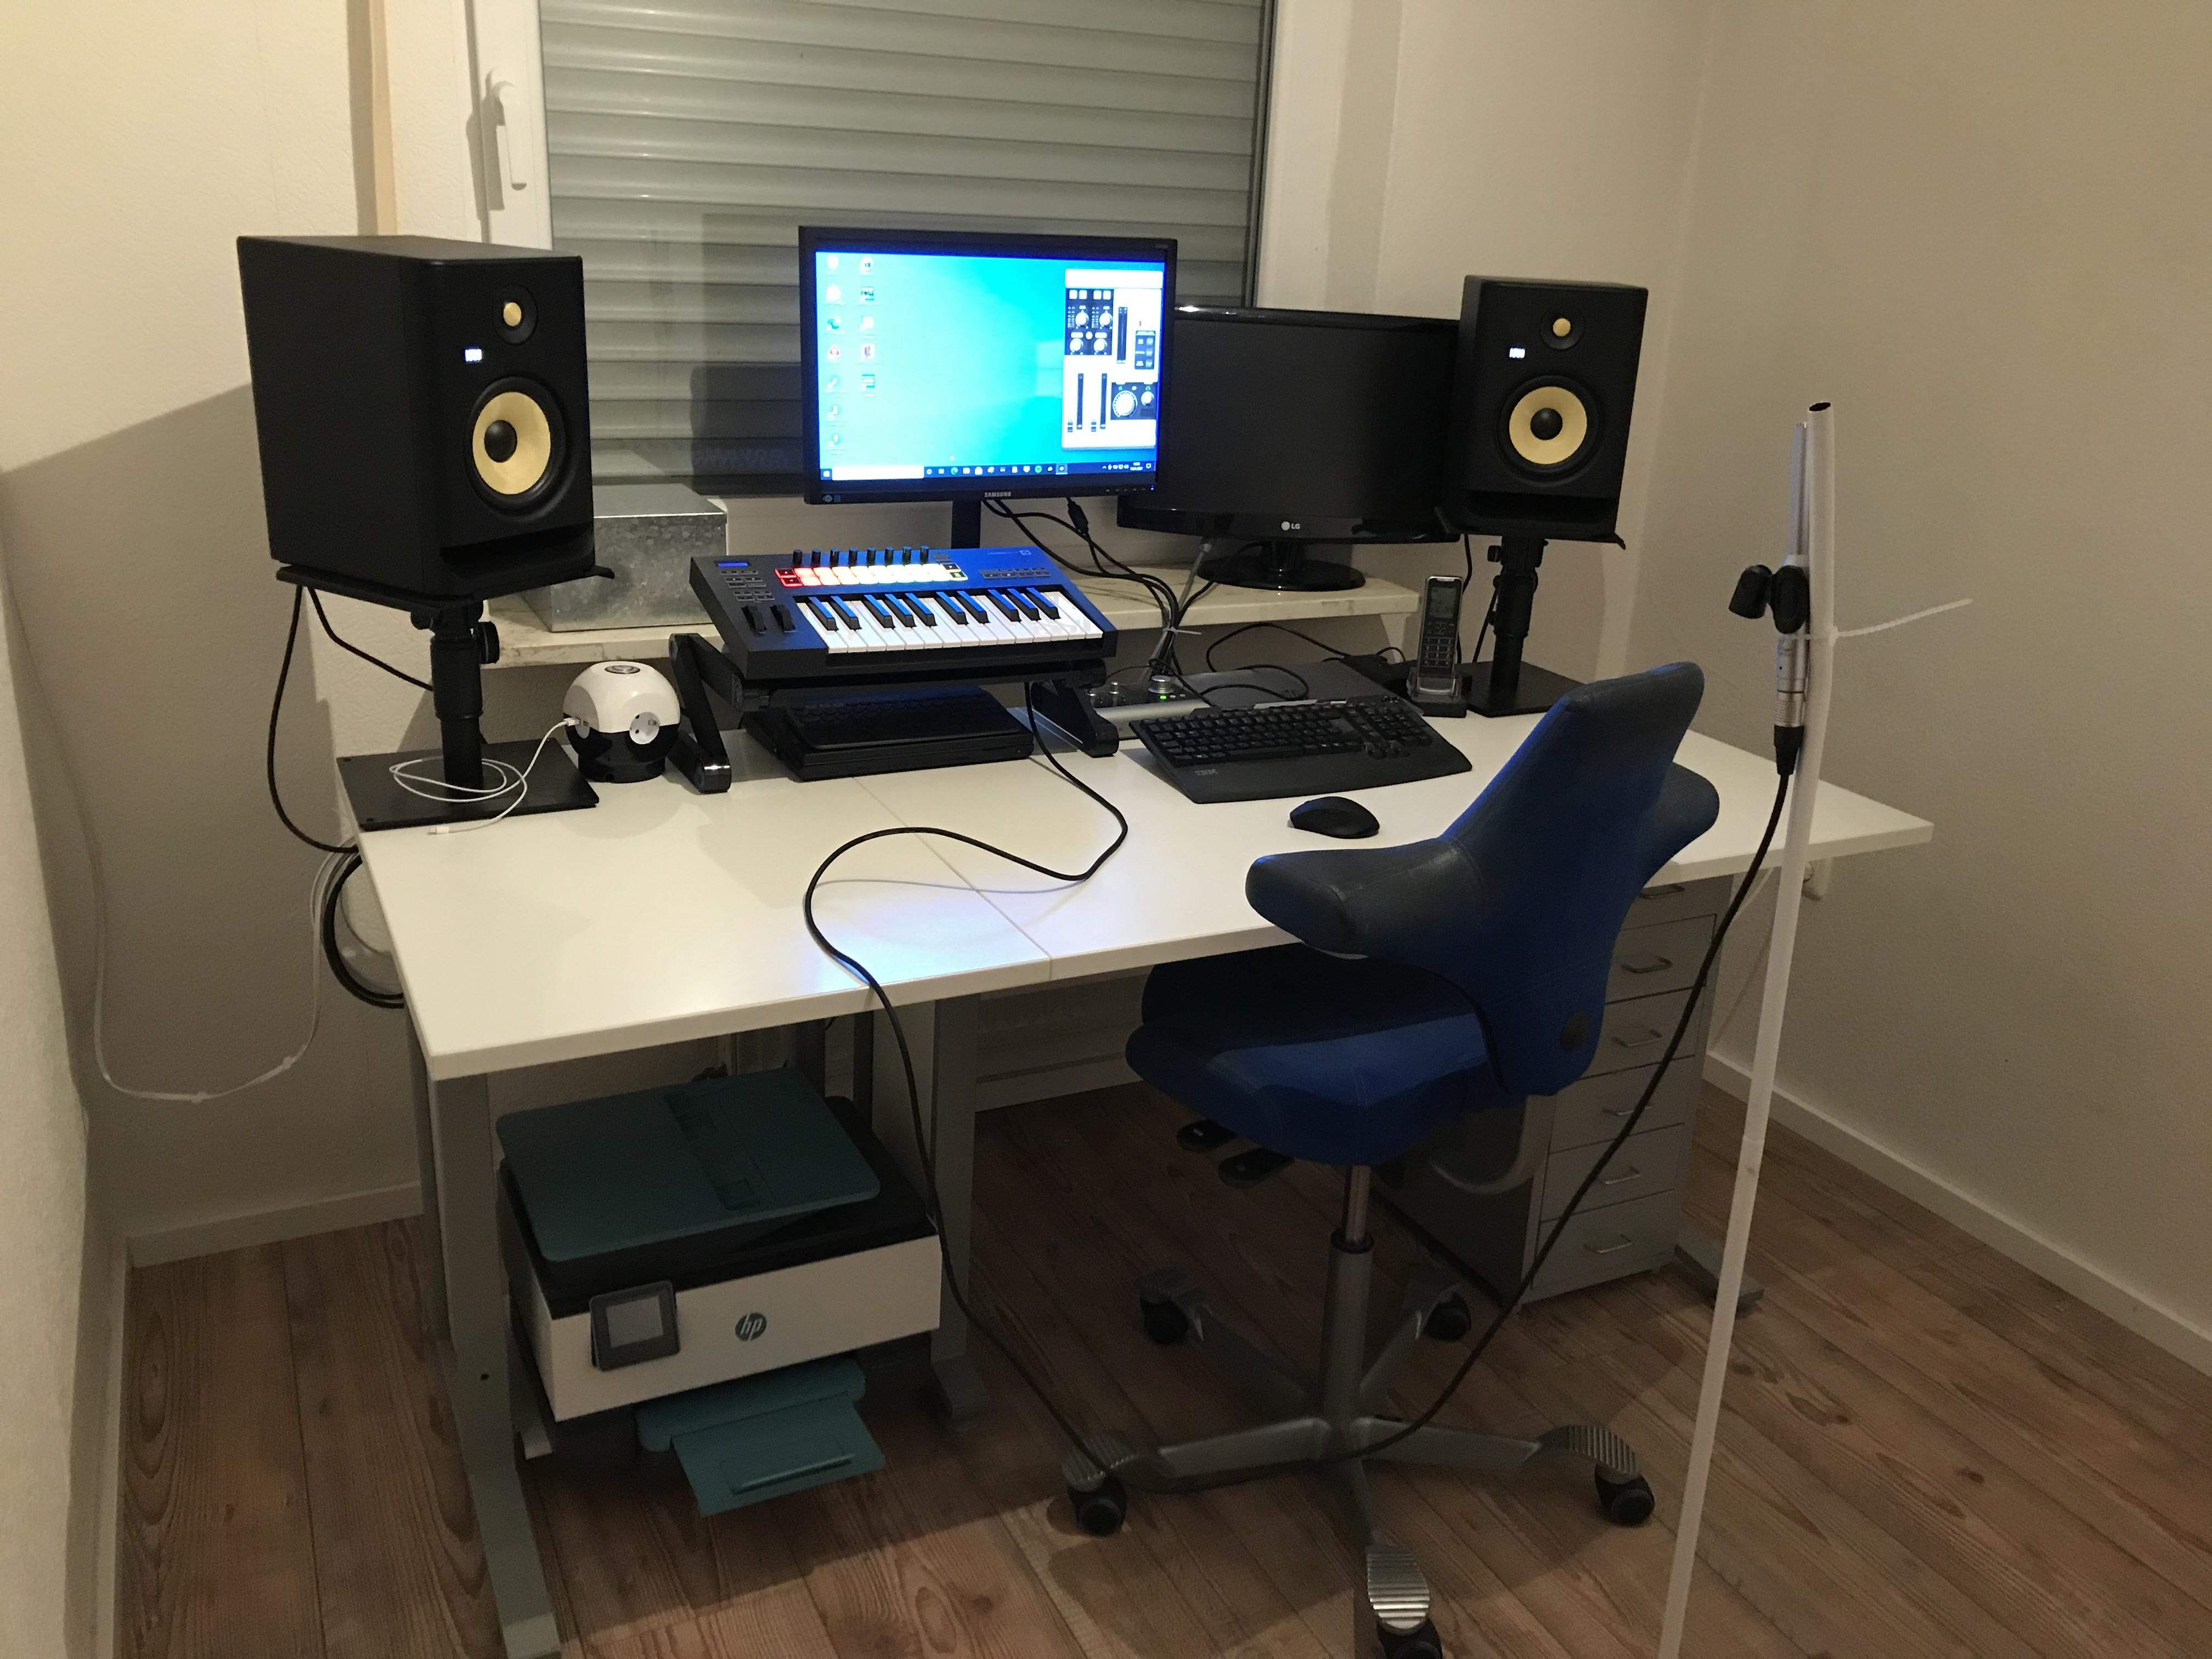 Schreibtisch nach Umbau.jpg